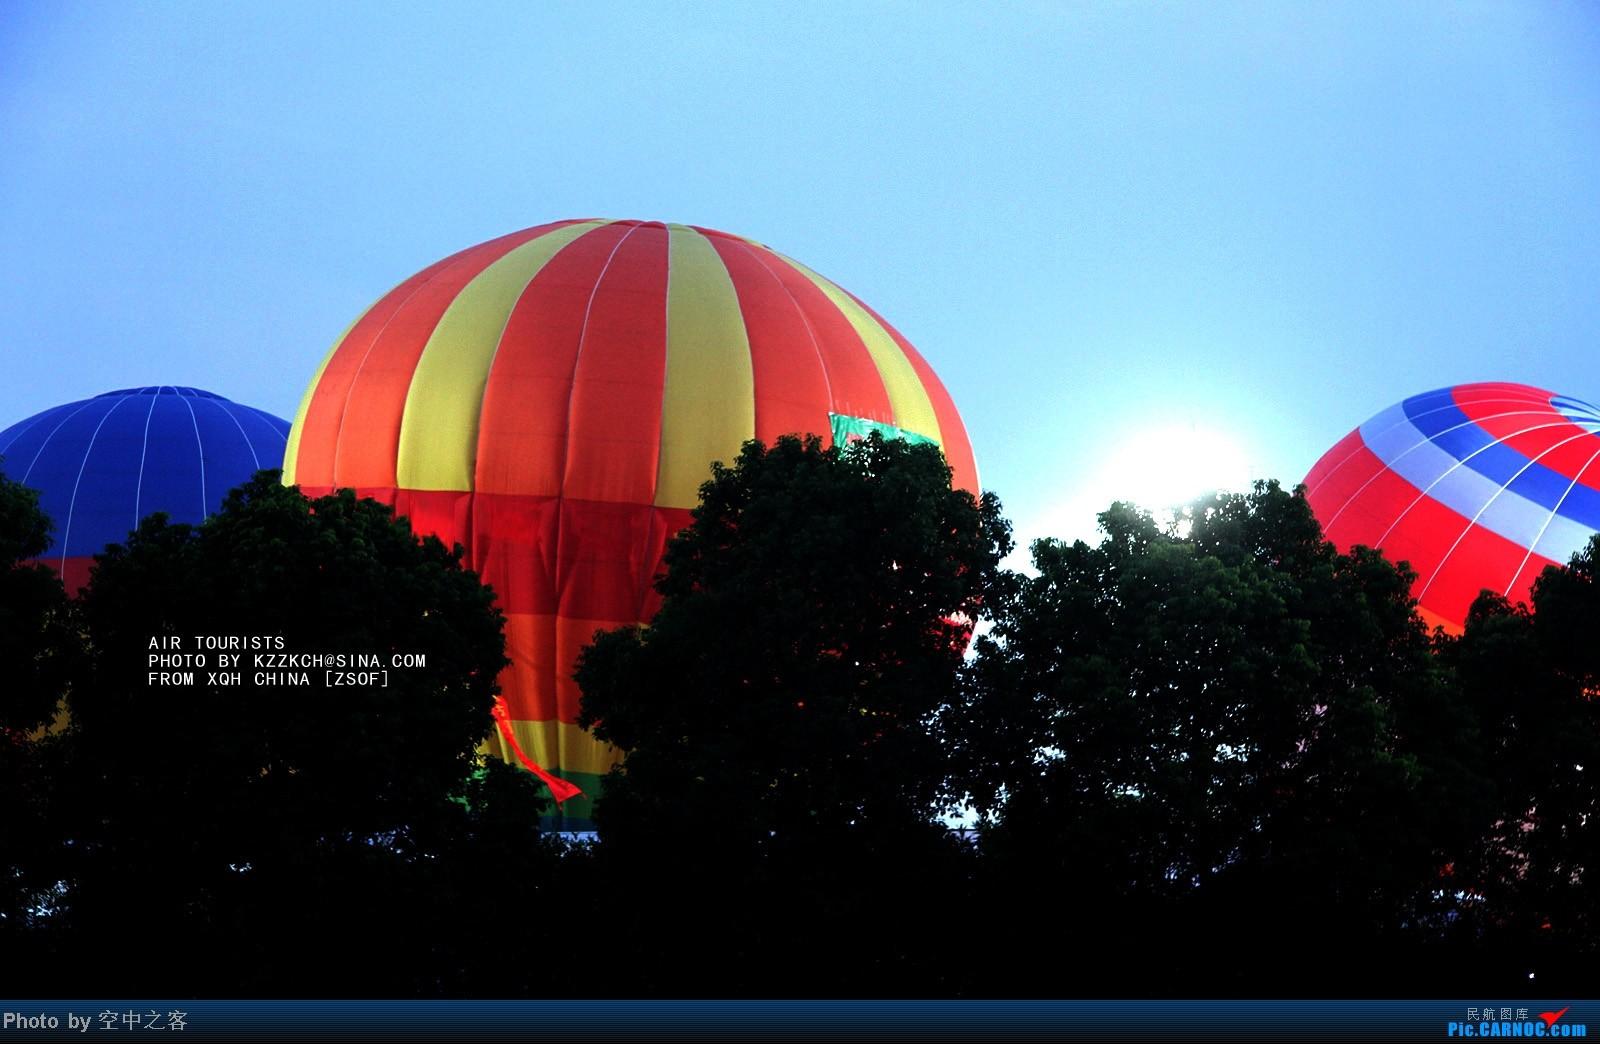 合肥一中操场开高考减压趴,学生玩嗨5分钟踩爆2万气球